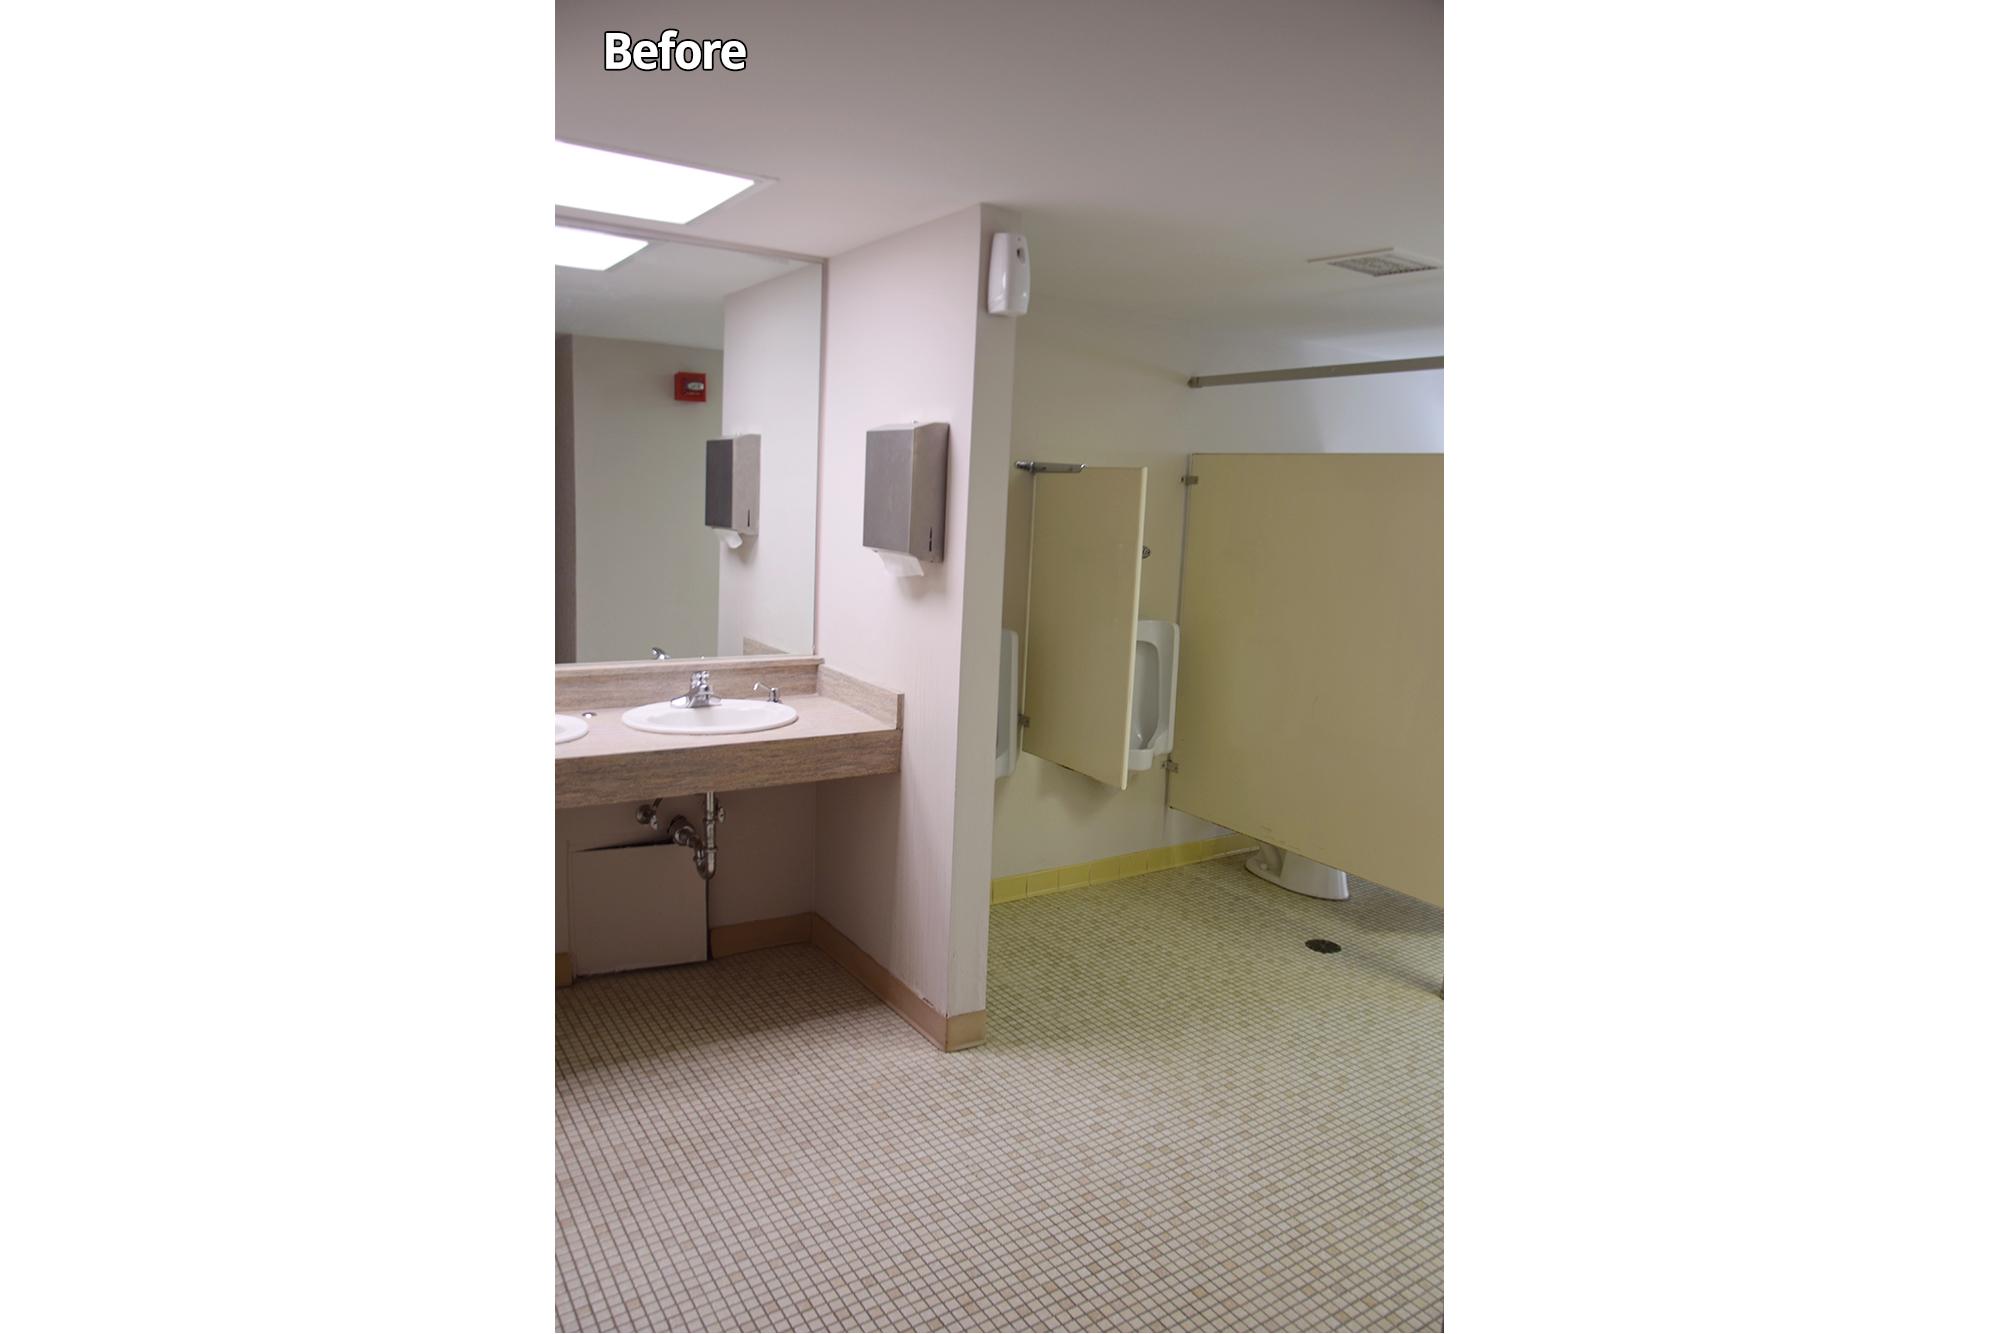 2300 Henderson Mill Road Restroom Renovation Photo